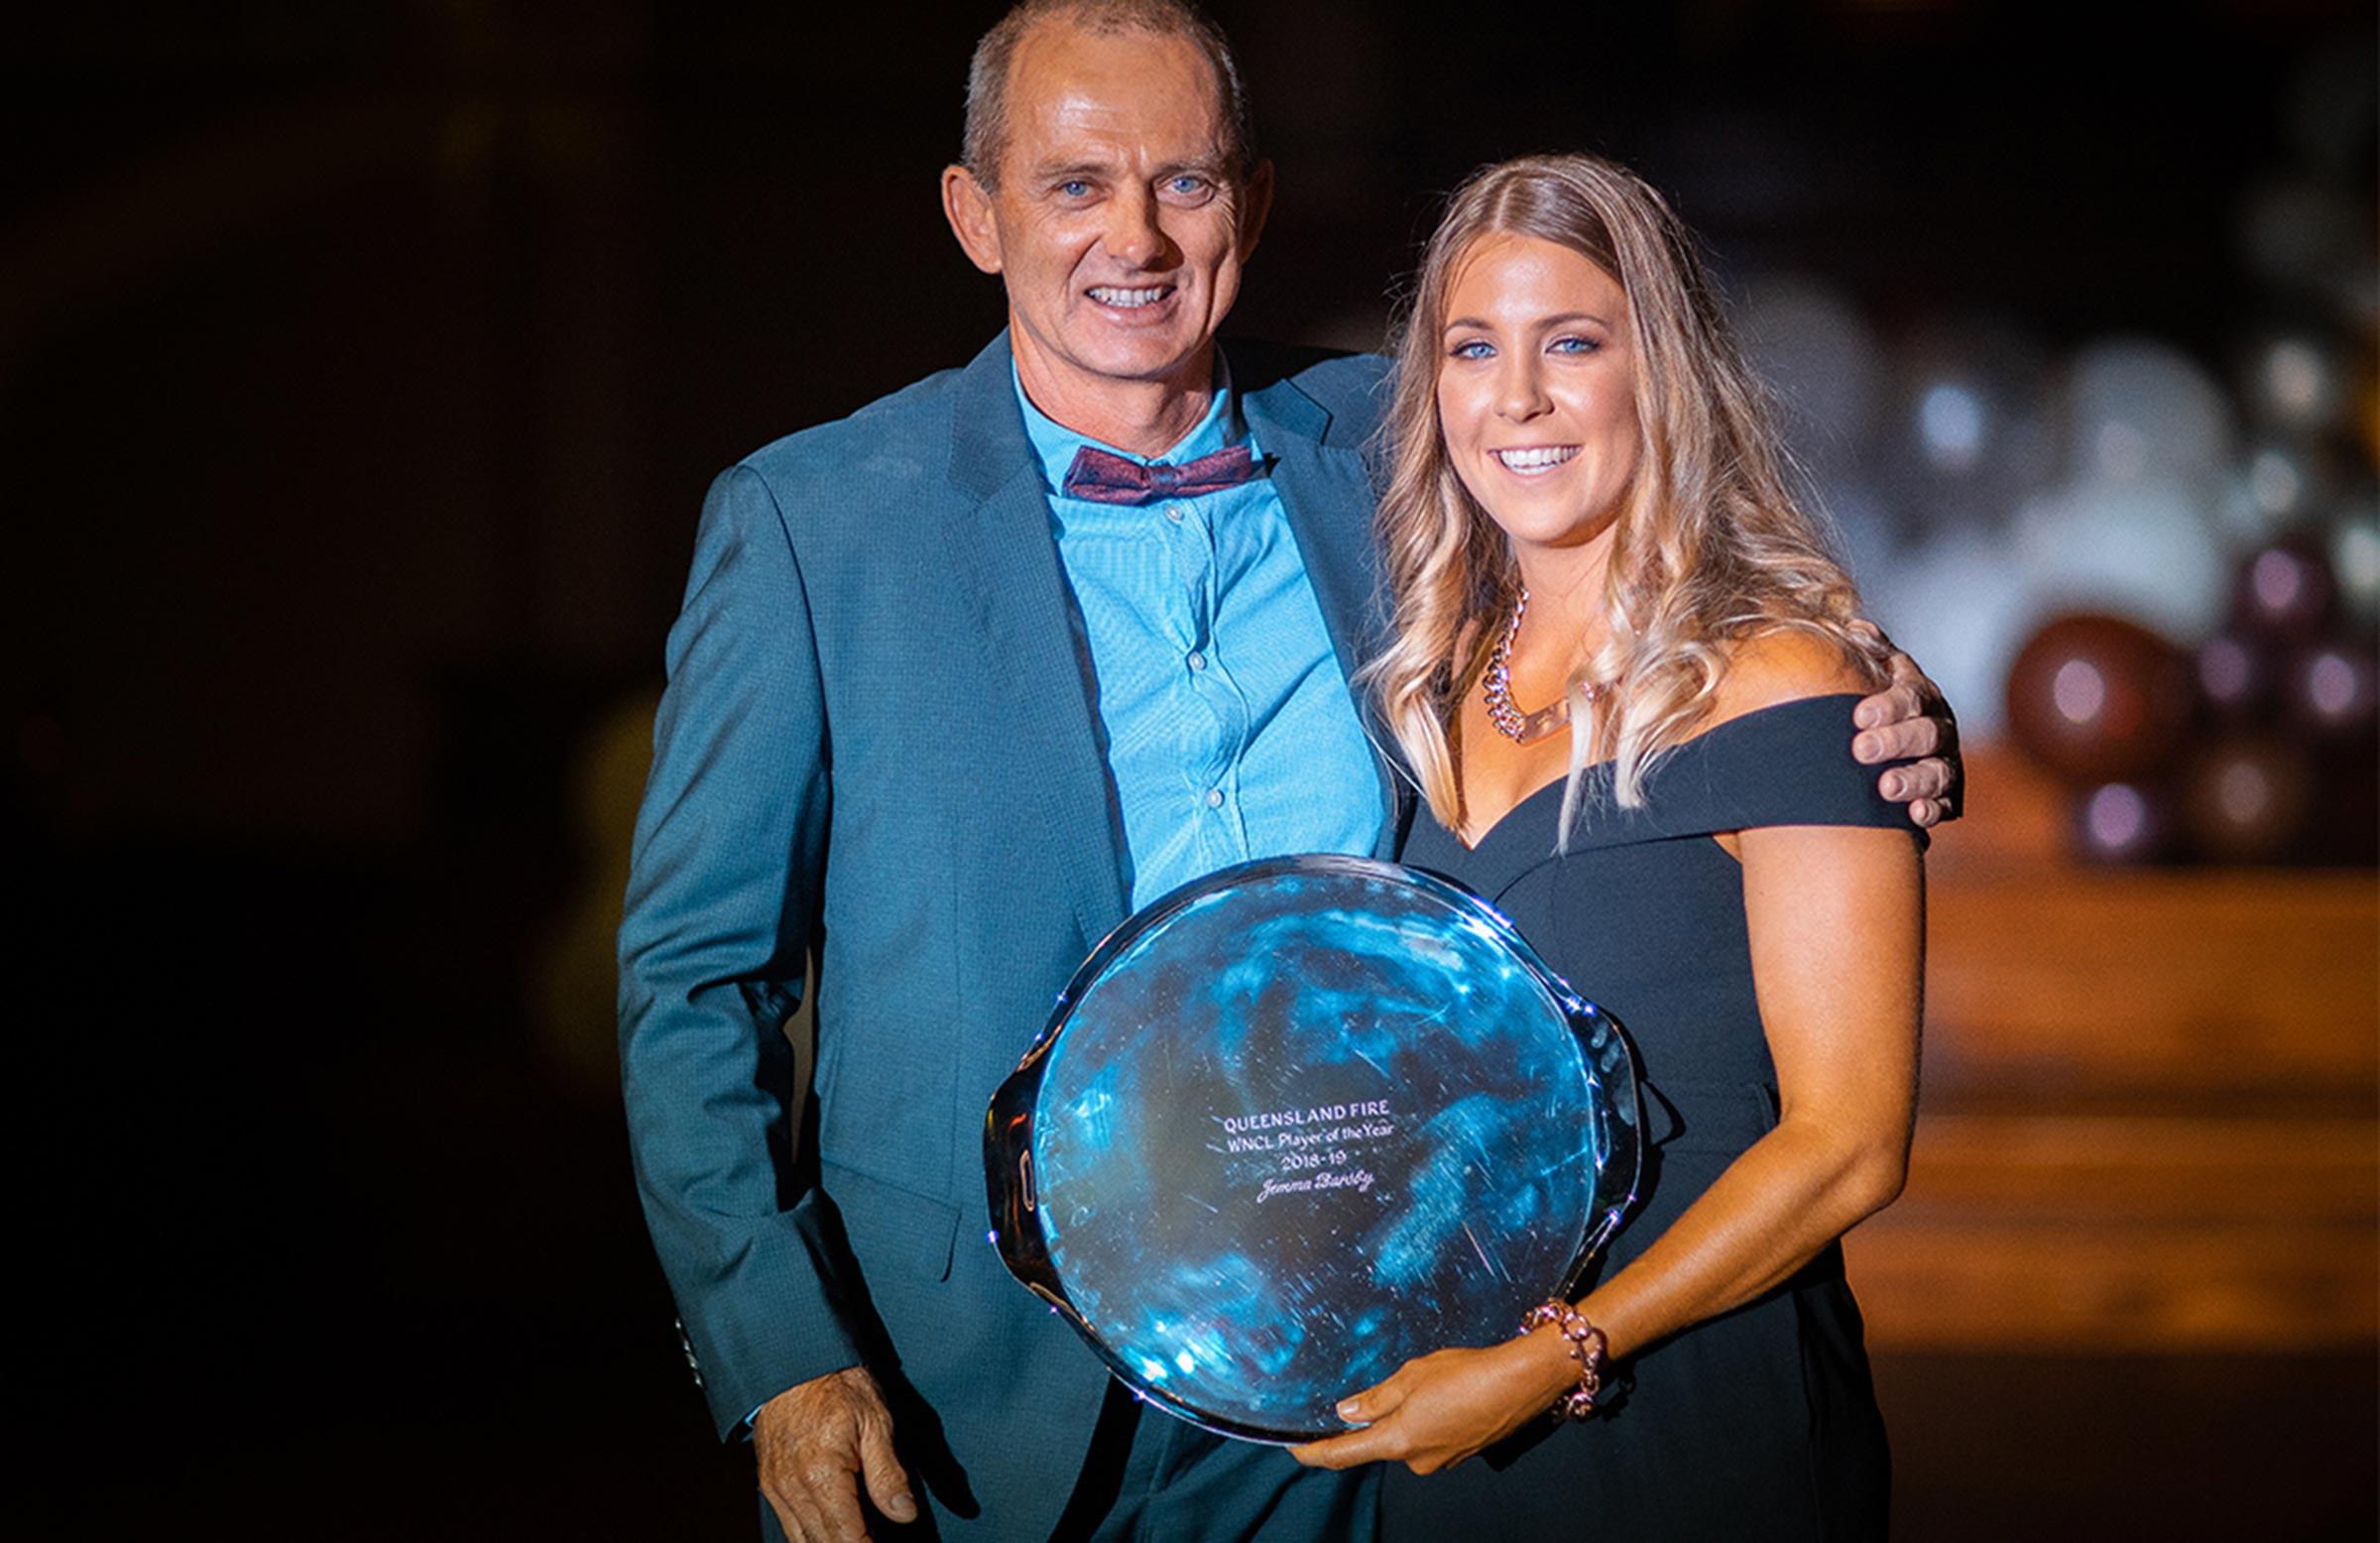 Queensland Fire MVP Jemma Barsby